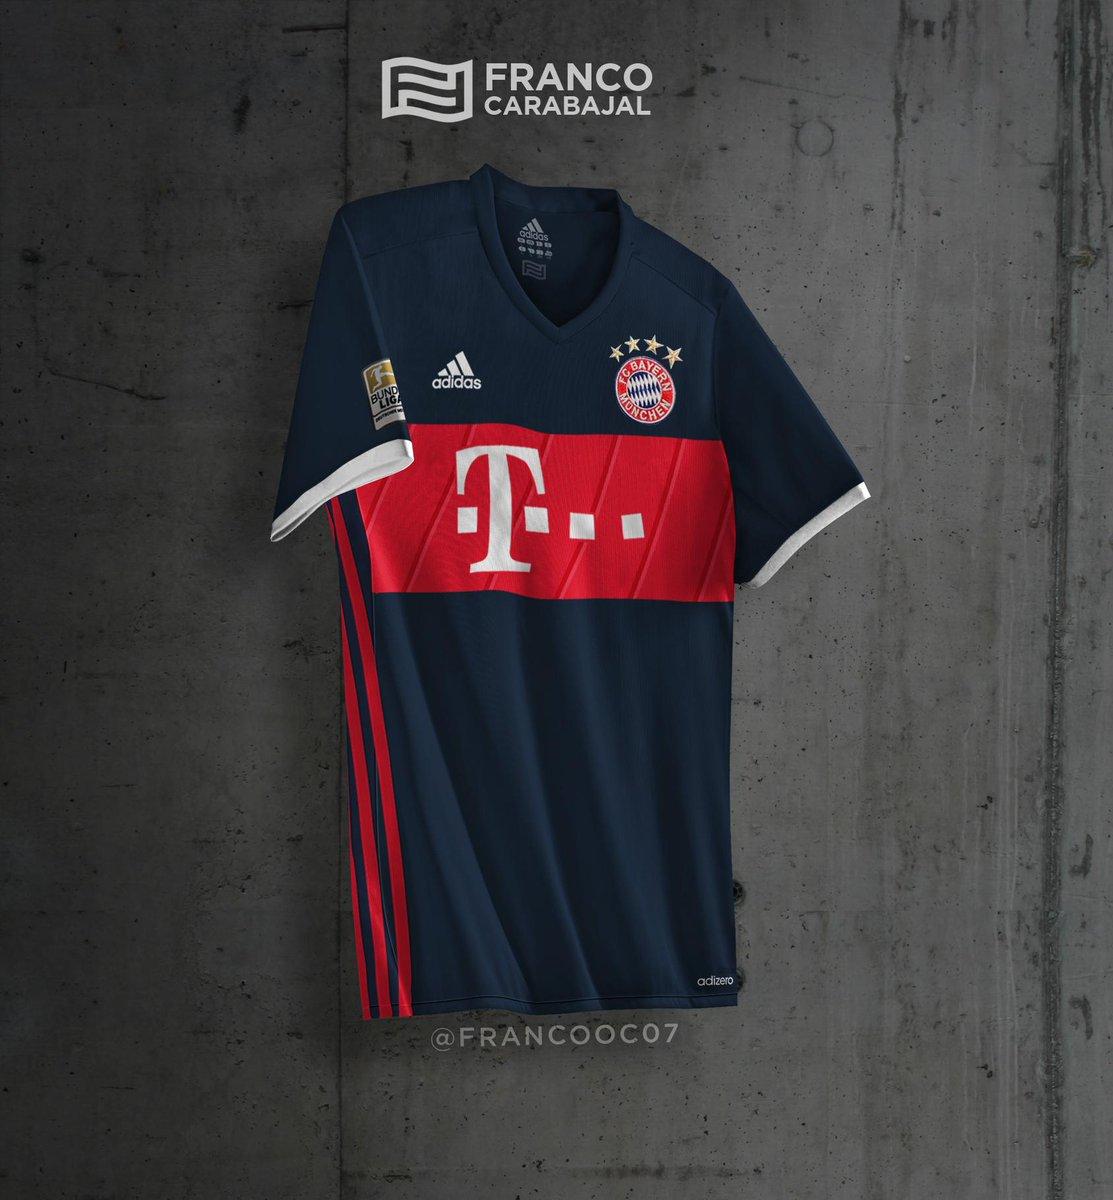 Adidas Trikots Für Die Saison 20172018 Seite 2 Fcb Im